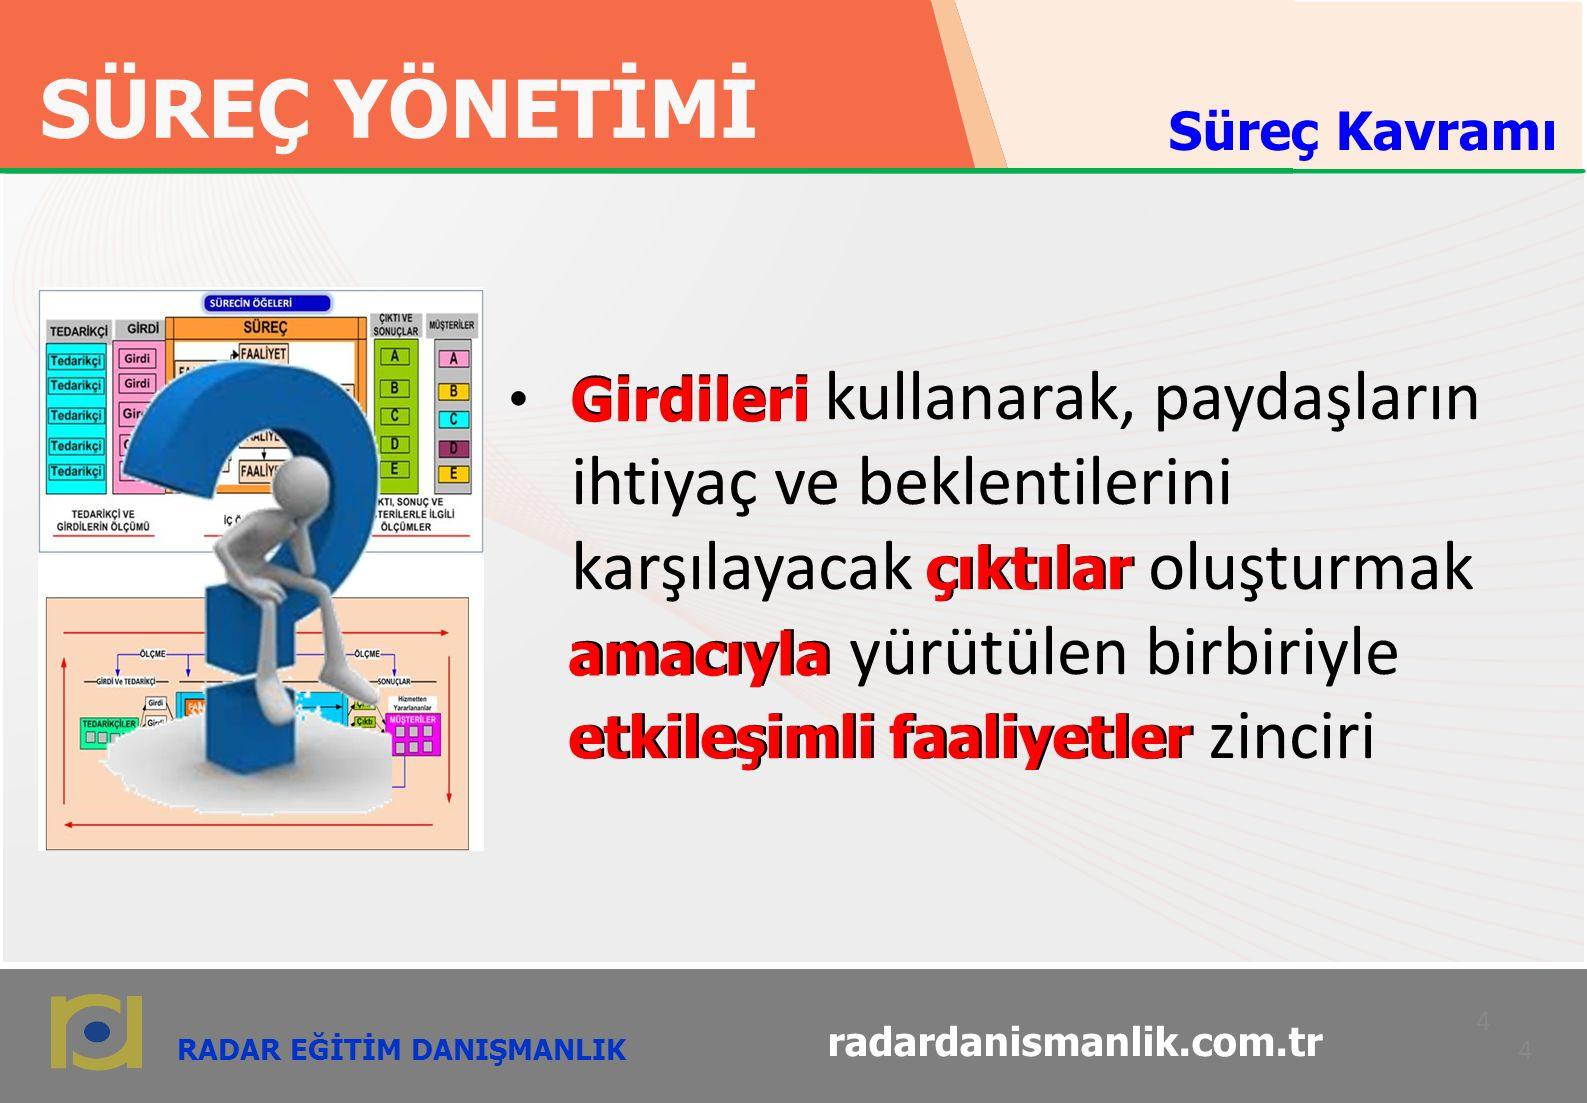 RADAR EĞİTİM DANIŞMANLIK SÜREÇ YÖNETİMİ 25 radardanismanlik.com.tr